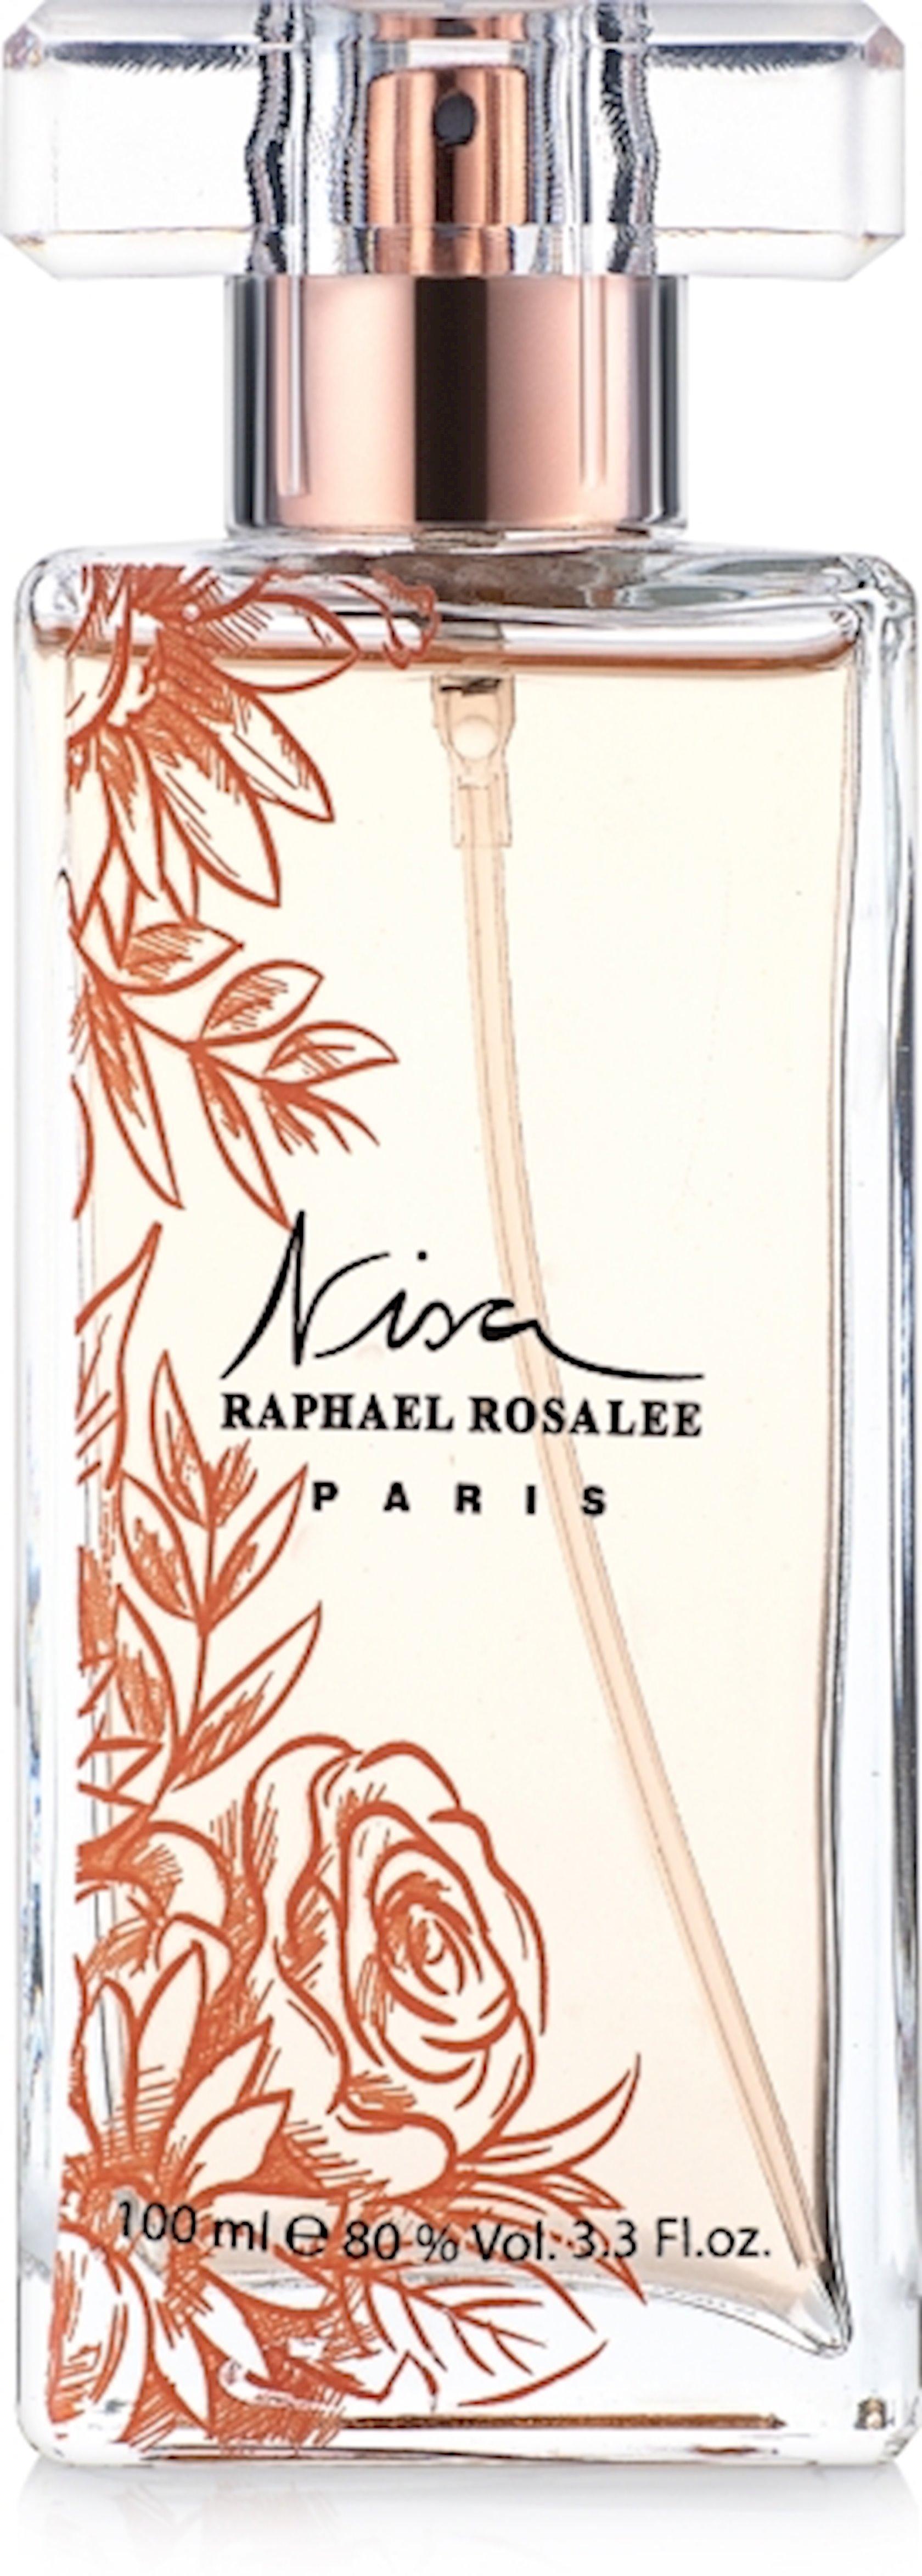 Ətir suyu qadınlar üçün Raphael Rosalee Nisa 100 ml